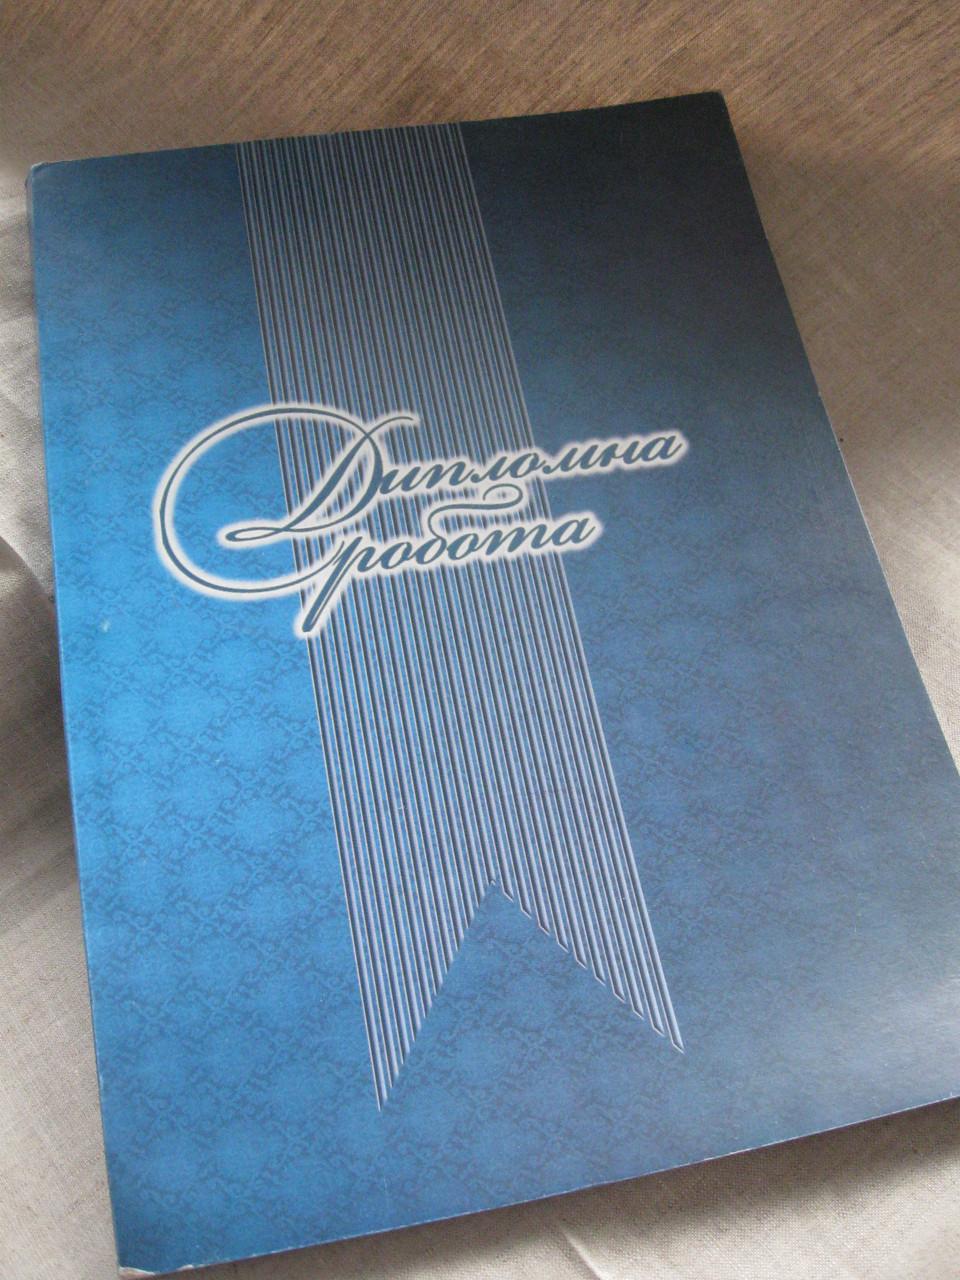 Дипломная работа, А4, 100 листов,папка с рамкой в мягкой, картонной обложке - Megapen Канцтовары HandMade Сувениры в Запорожье